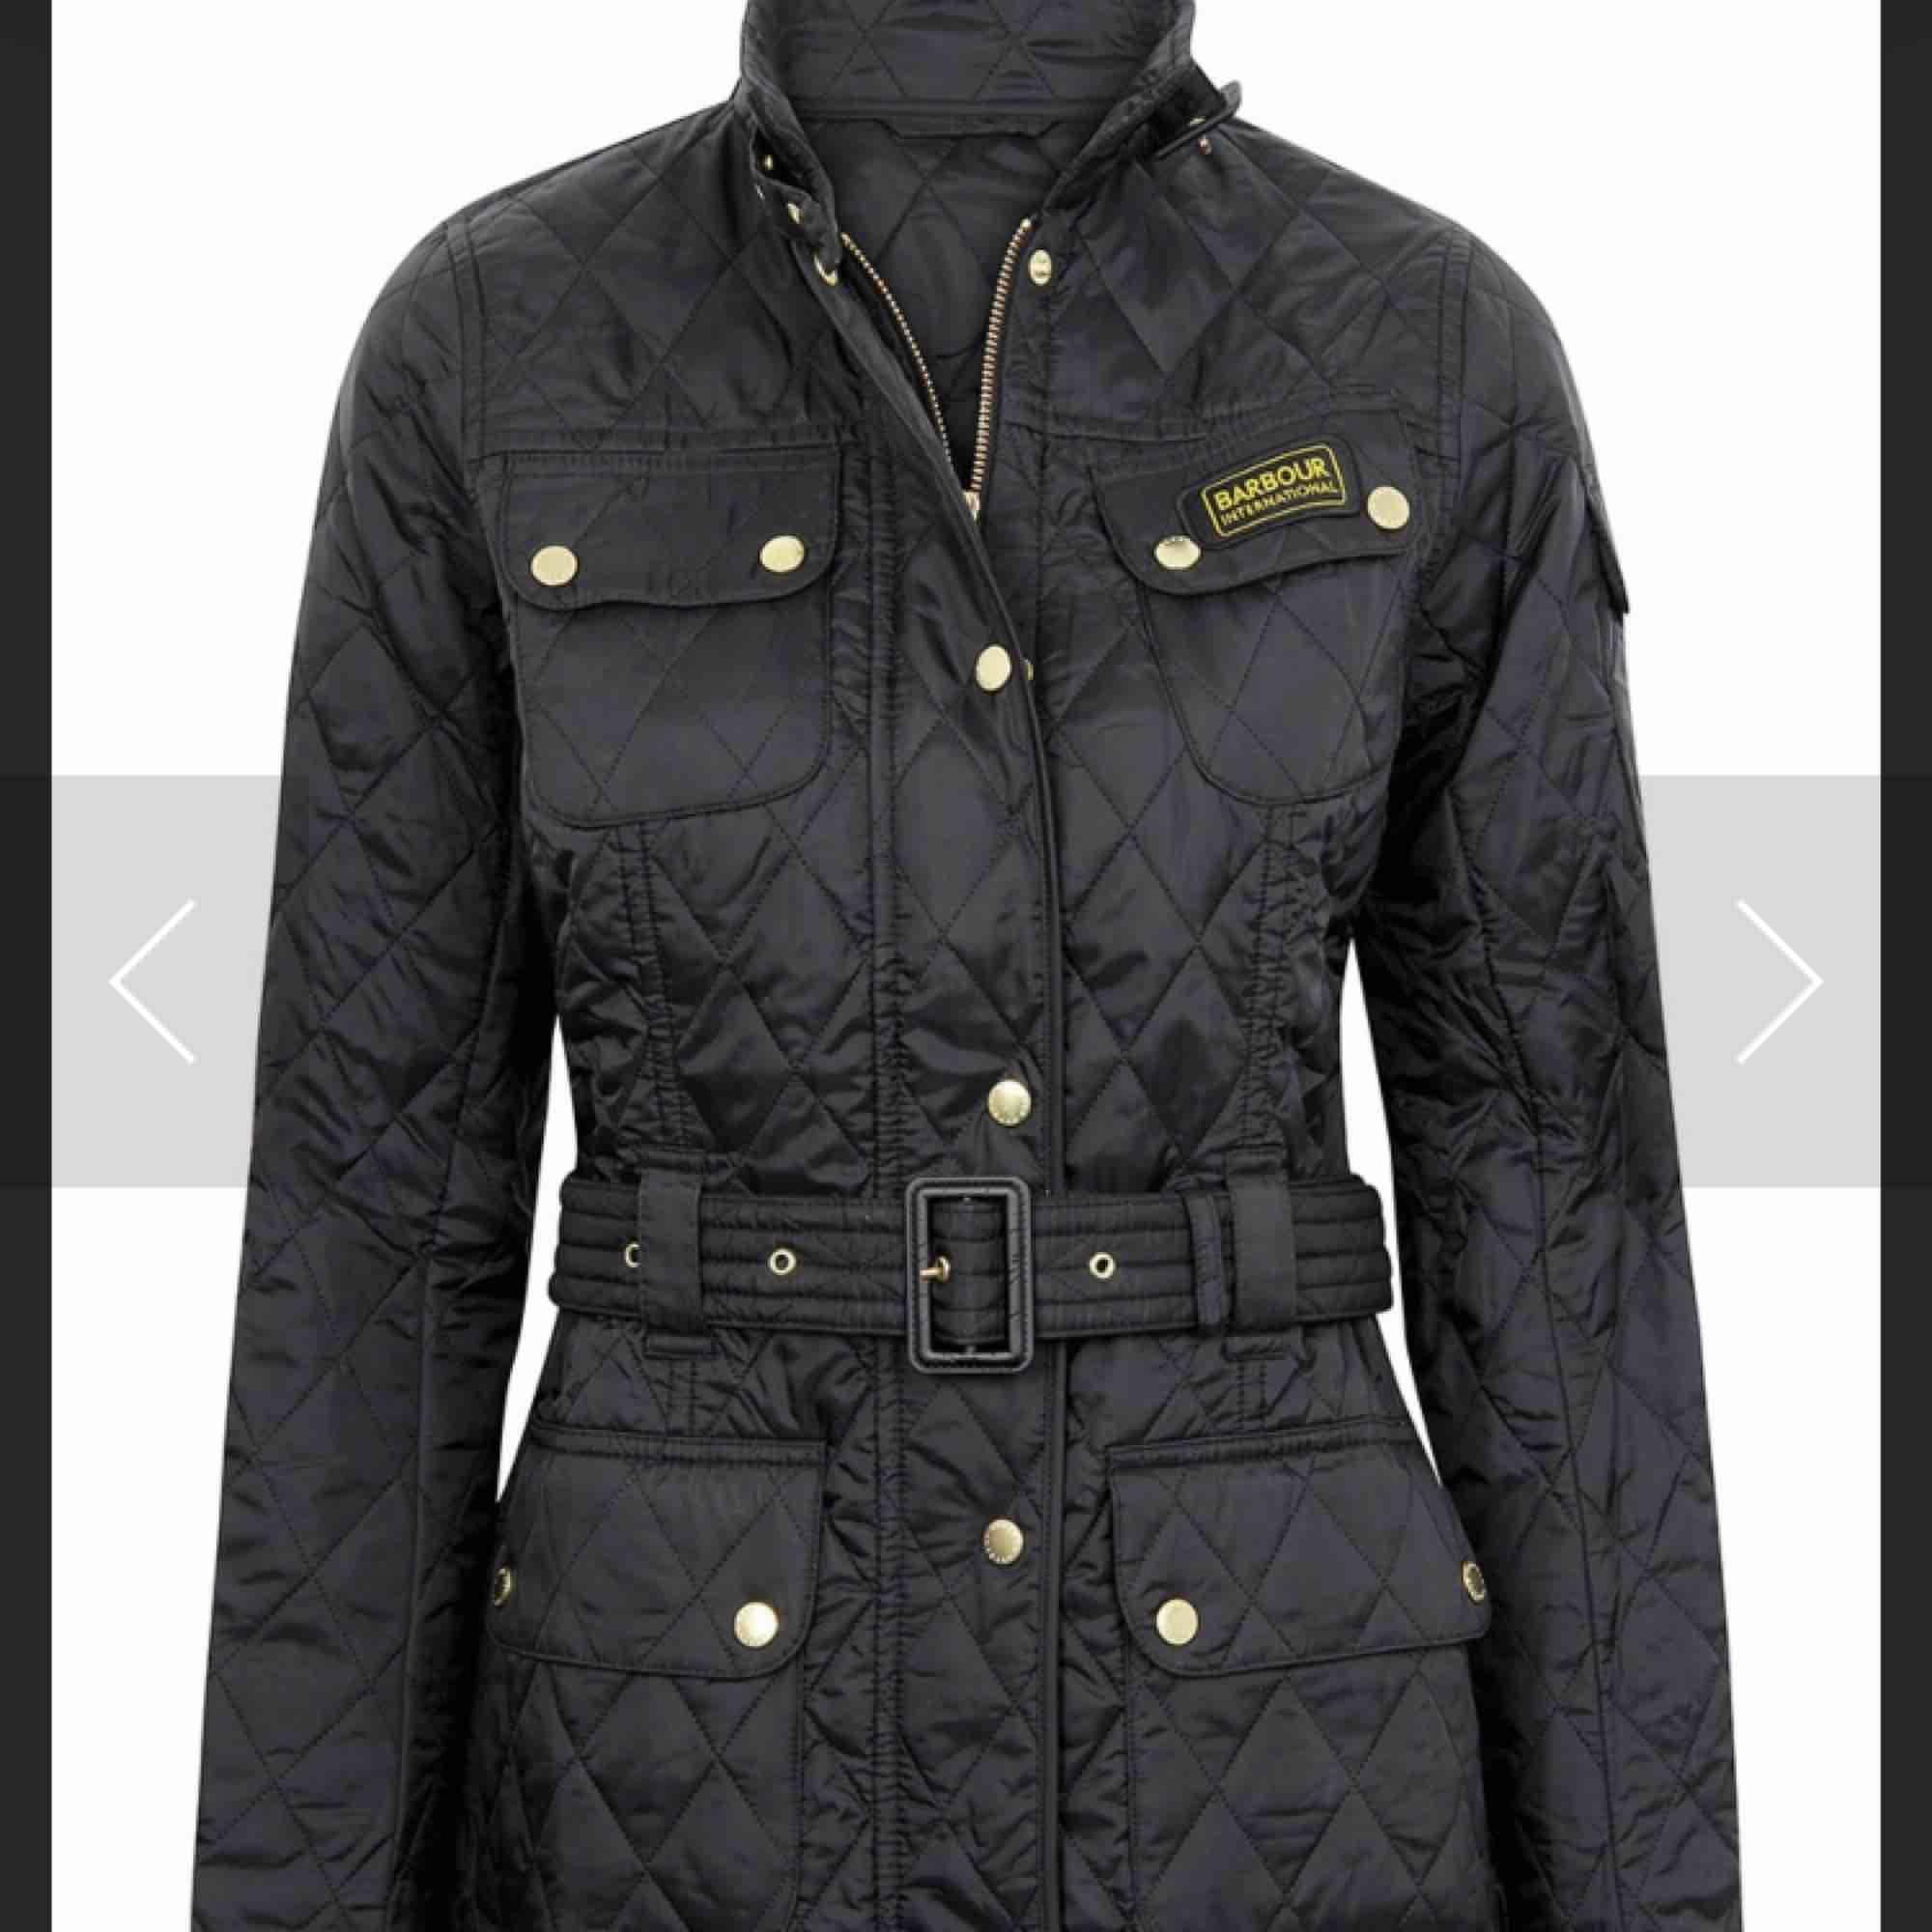 Helt ny Burberry jacka, svart, går att justera och kan därför både passa M och L, aldrig använt, säljes pga fel storlek. Pris går att diskutera vid snabb affär . Jackor.